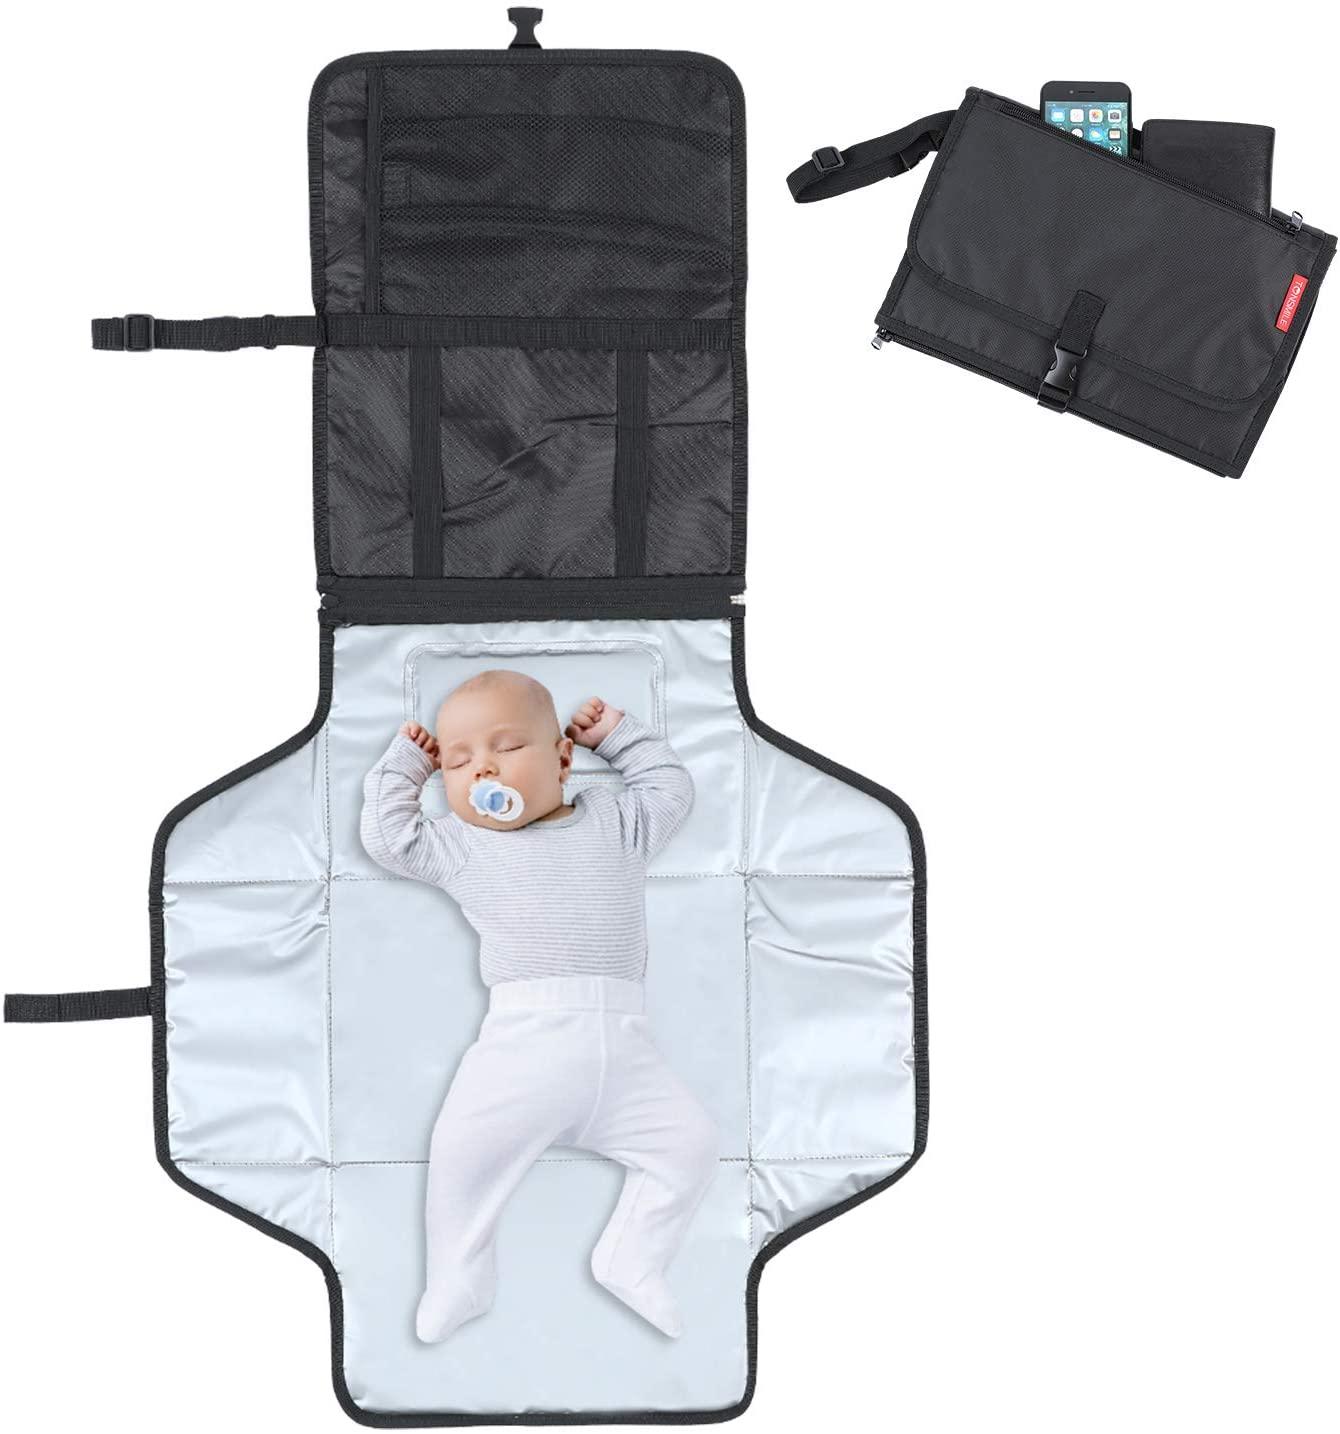 Tonsmile Cambiador Portátil de Pañales para Bebé, Impermeable Kit Cambiador de Viaje Bolsa para Cambio de Pañales en Viajes Esterilla Lavable Completamente Acolchado